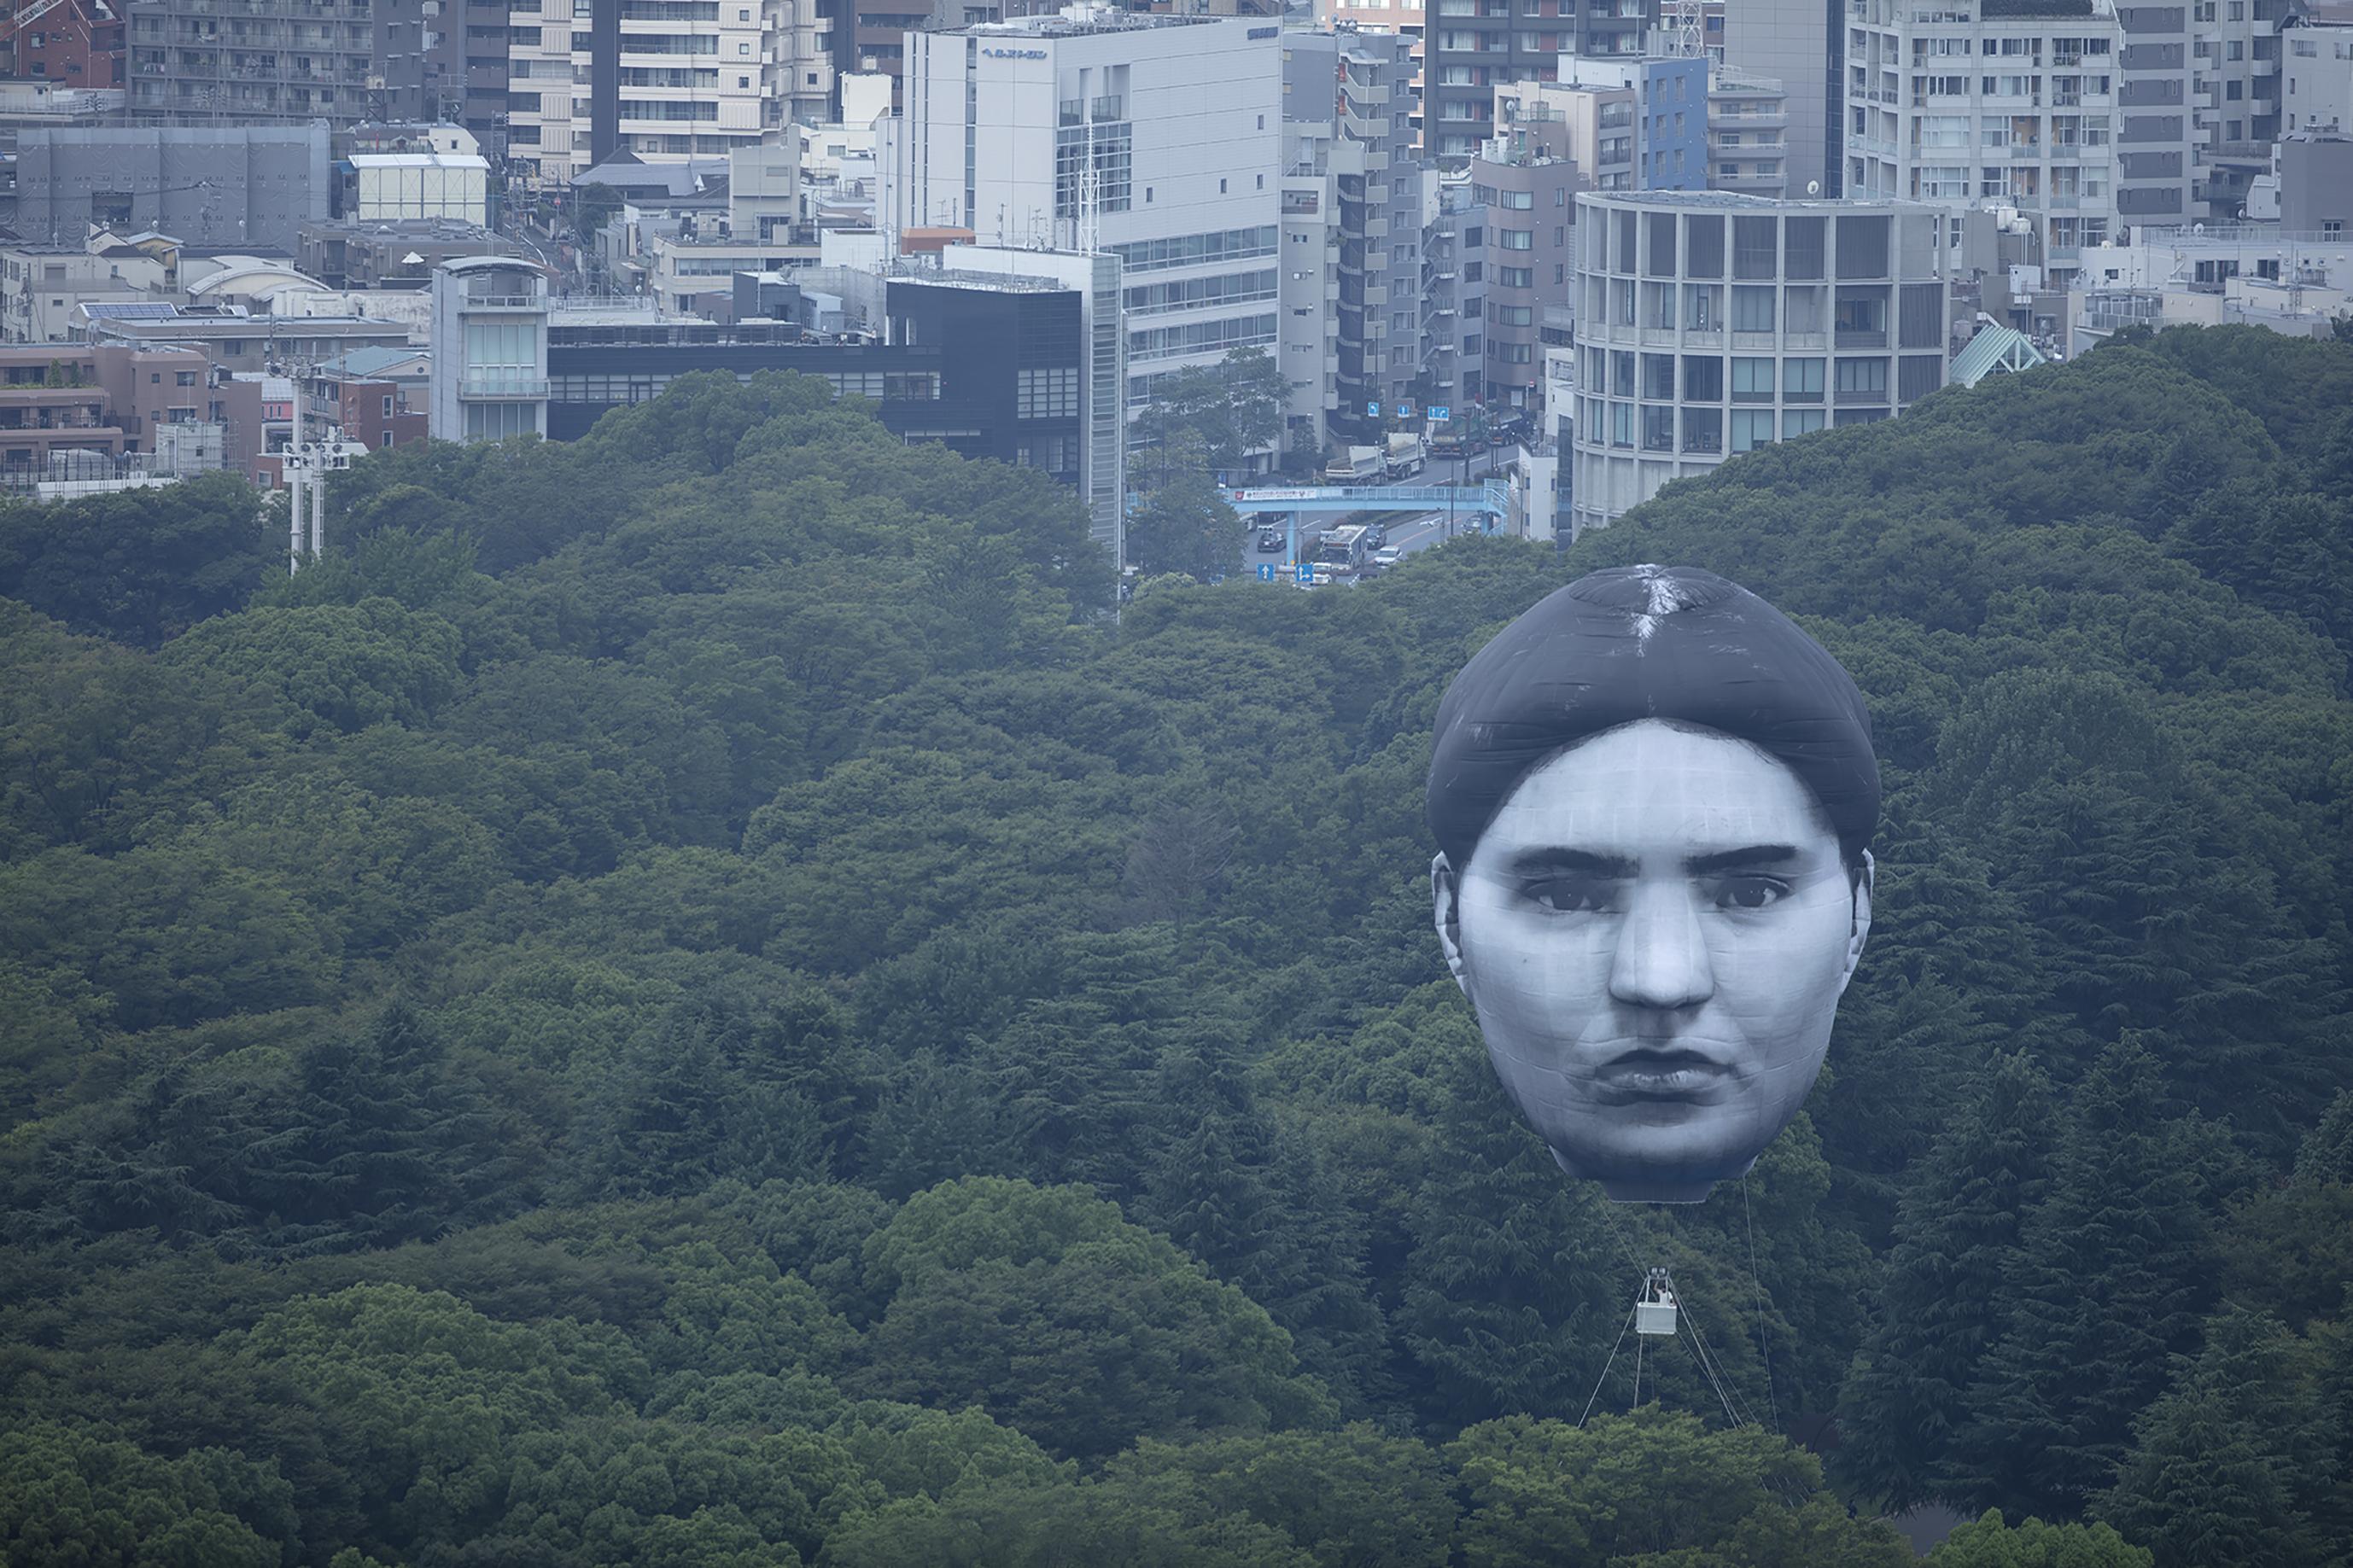 """【おすすめアート】 東京上空に巨大な""""誰かの顔""""が浮上!『まさゆめ』プロジェクト"""